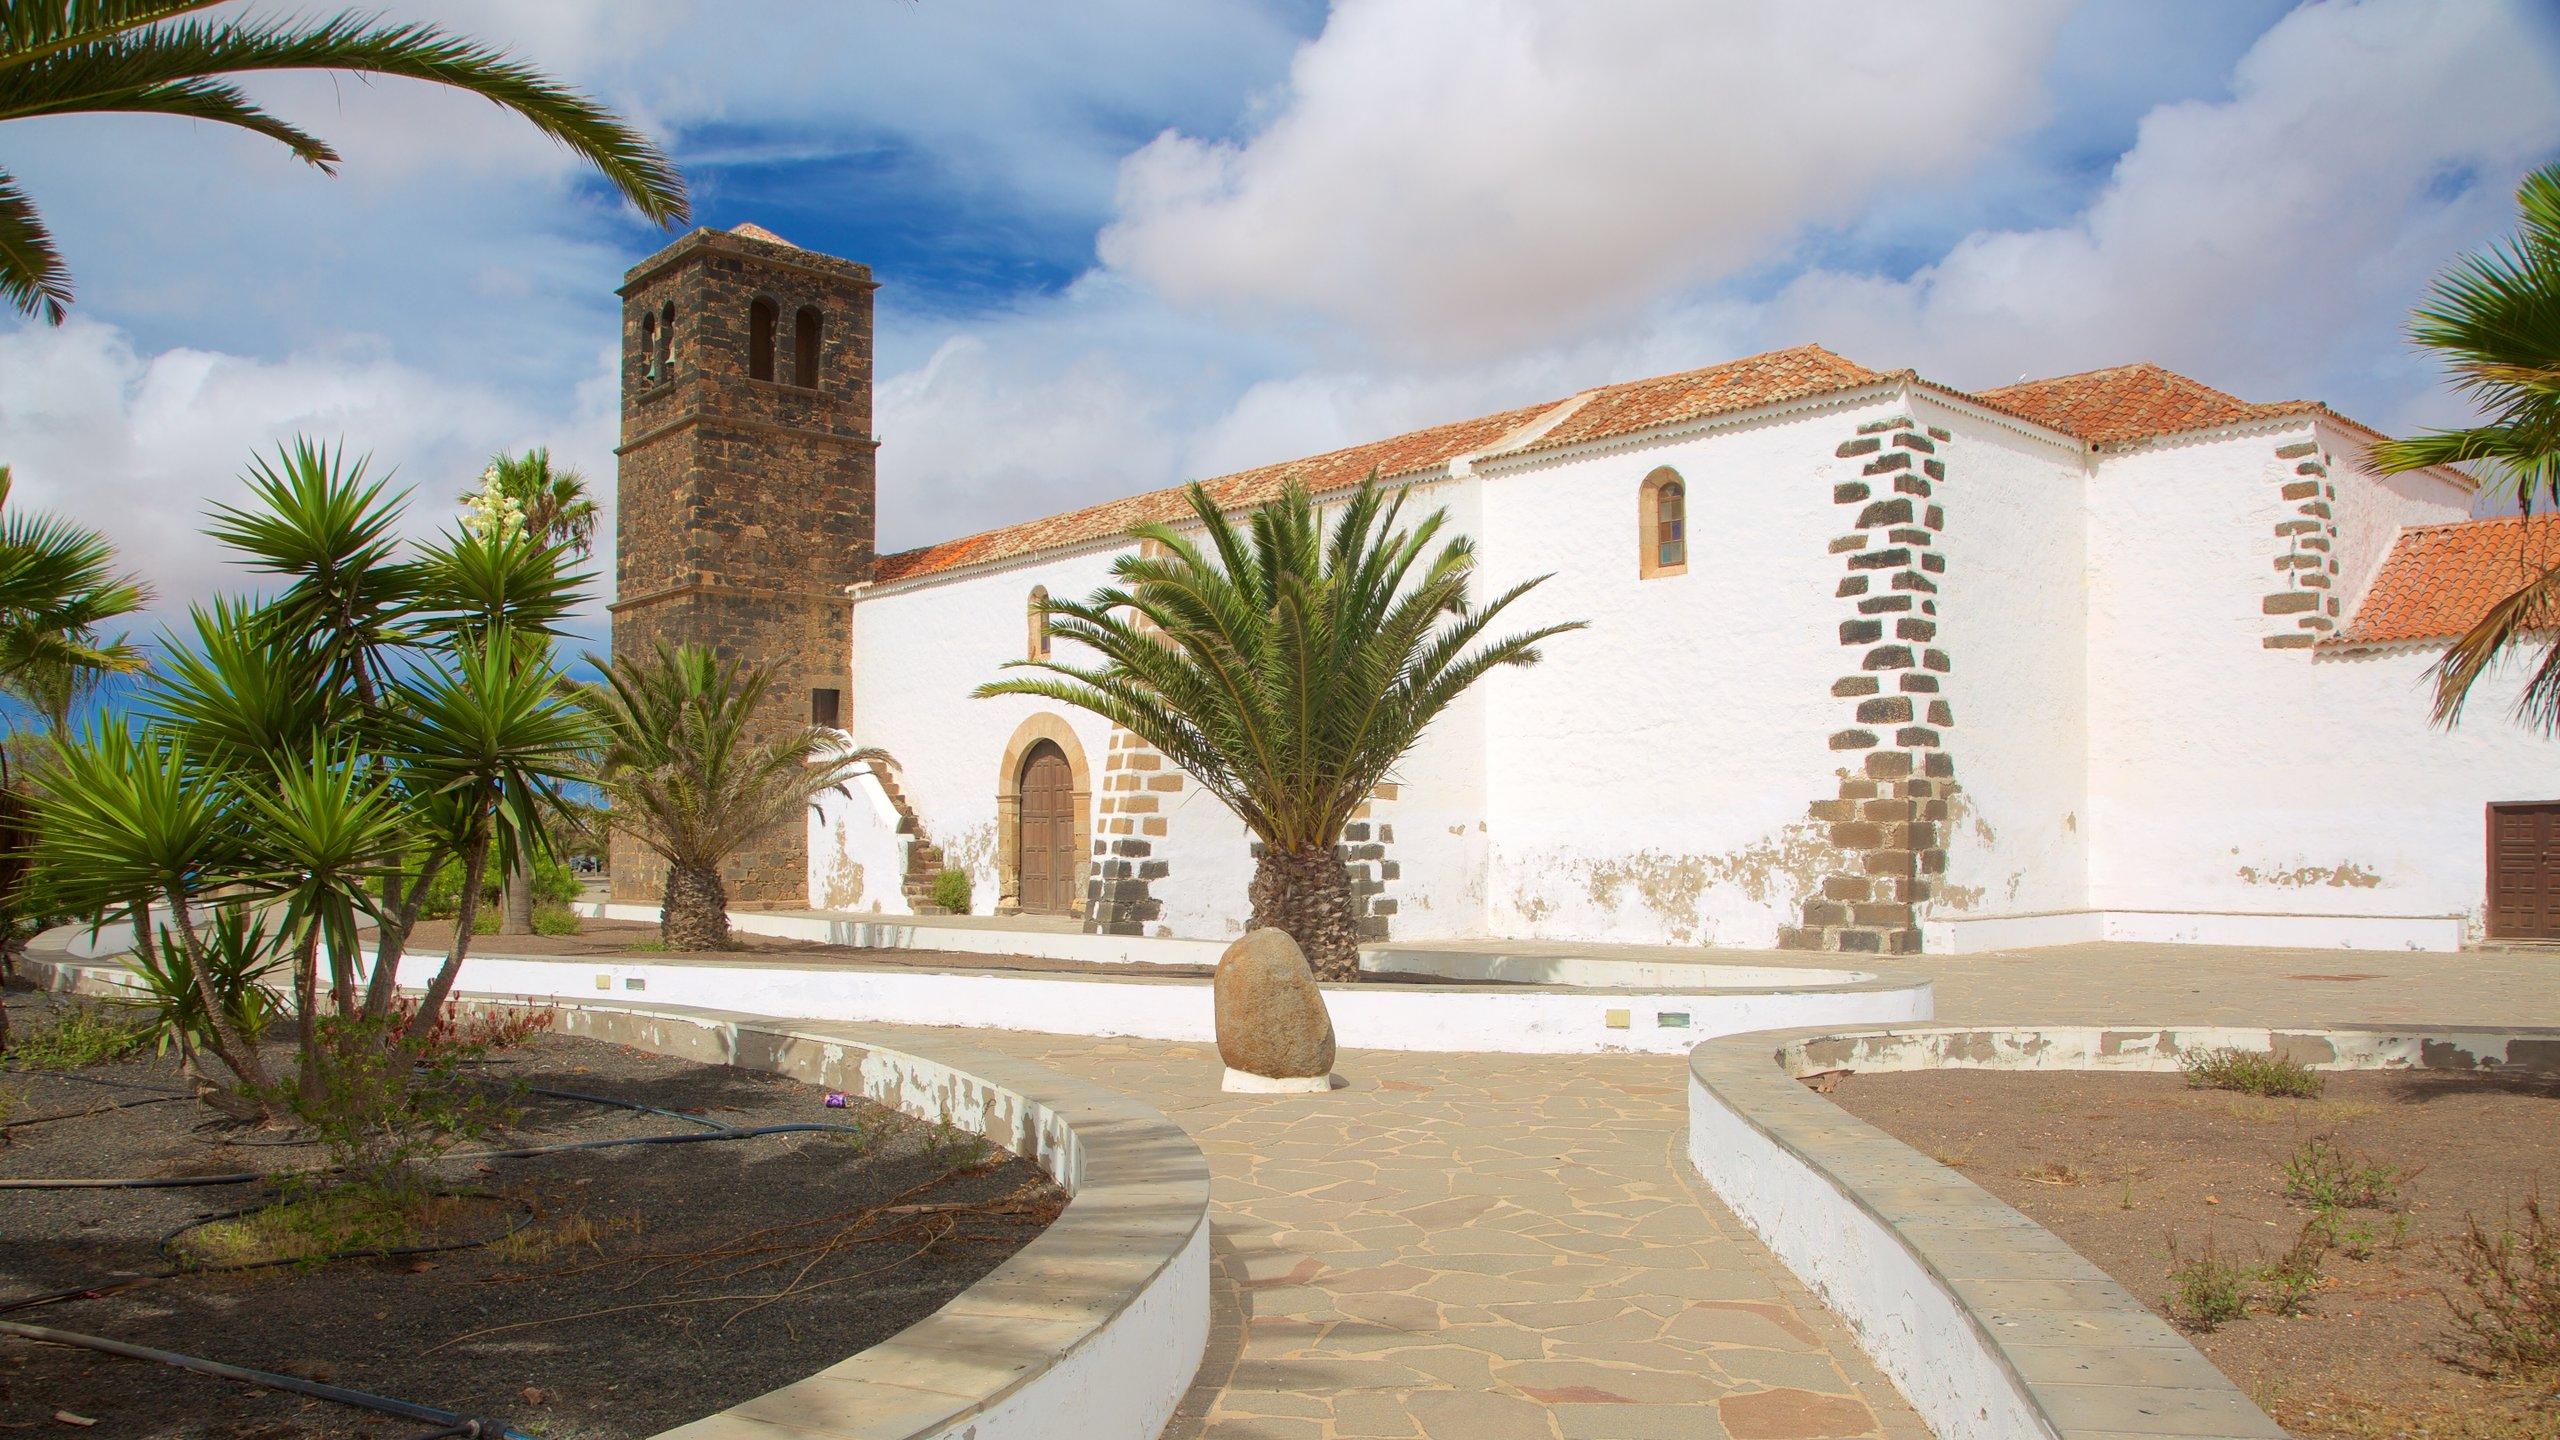 La Oliva, Canary Islands, Spain